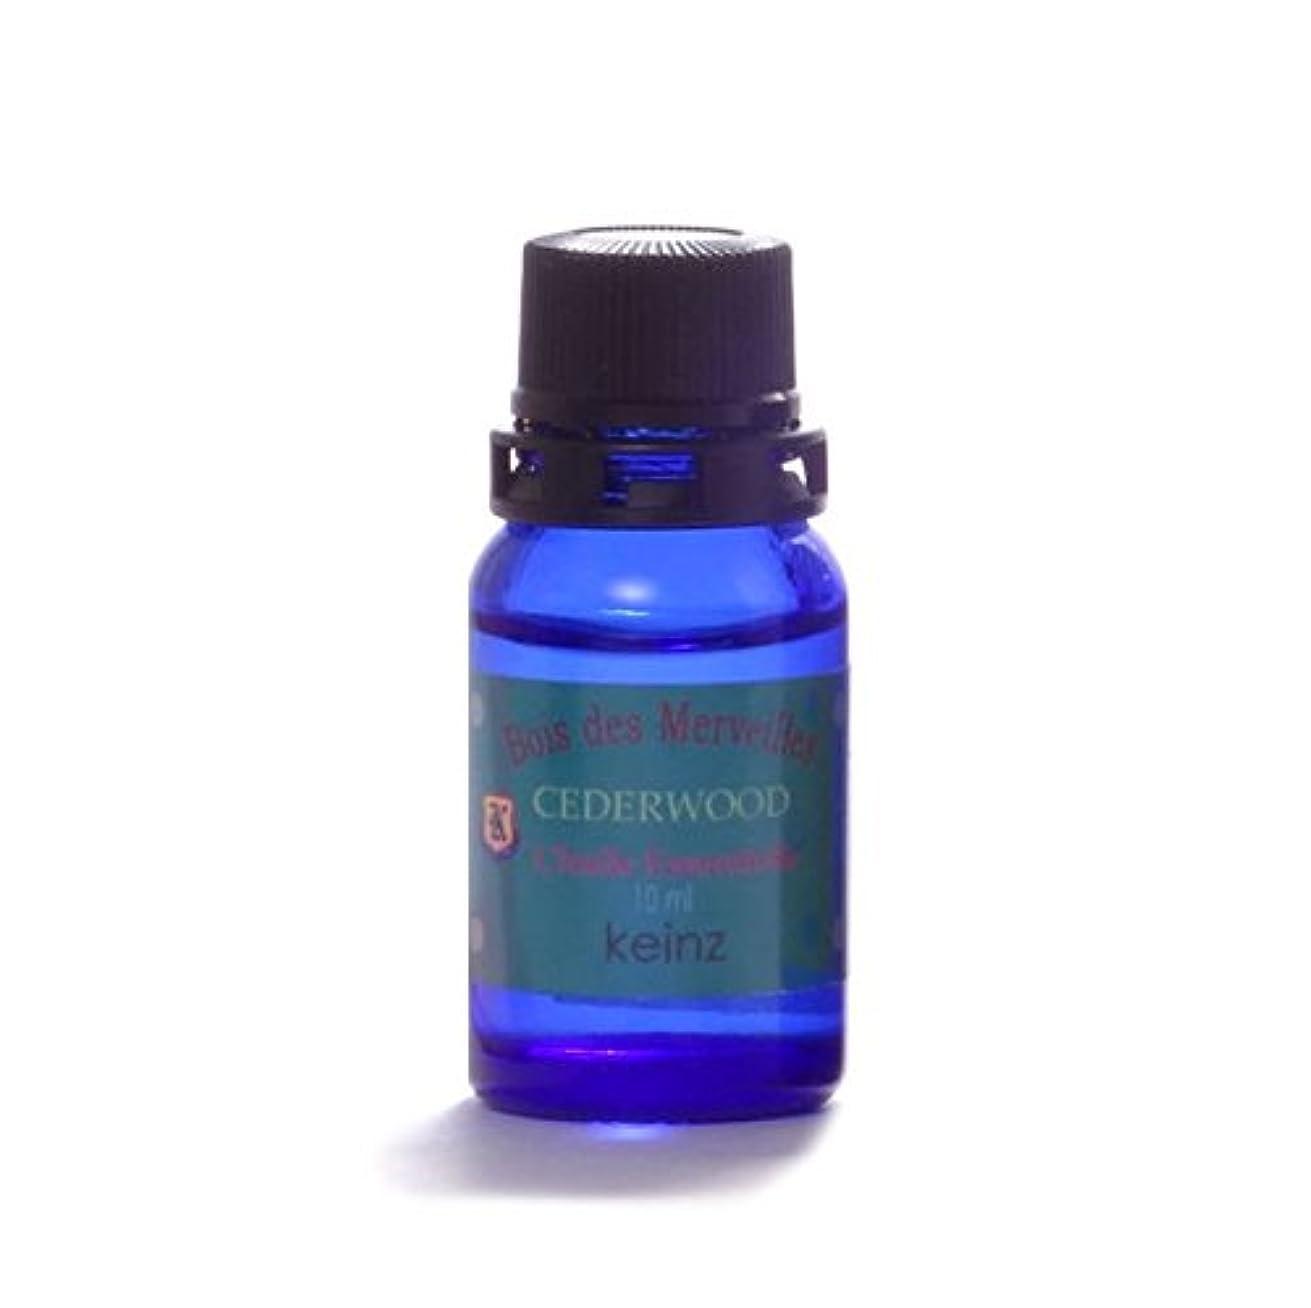 増強するスクレーパースイッチkeinzエッセンシャルオイル「シダーウッド10ml」 ケインズ正規品 製造国アメリカ 完全無添加 人工香料は使用していません。